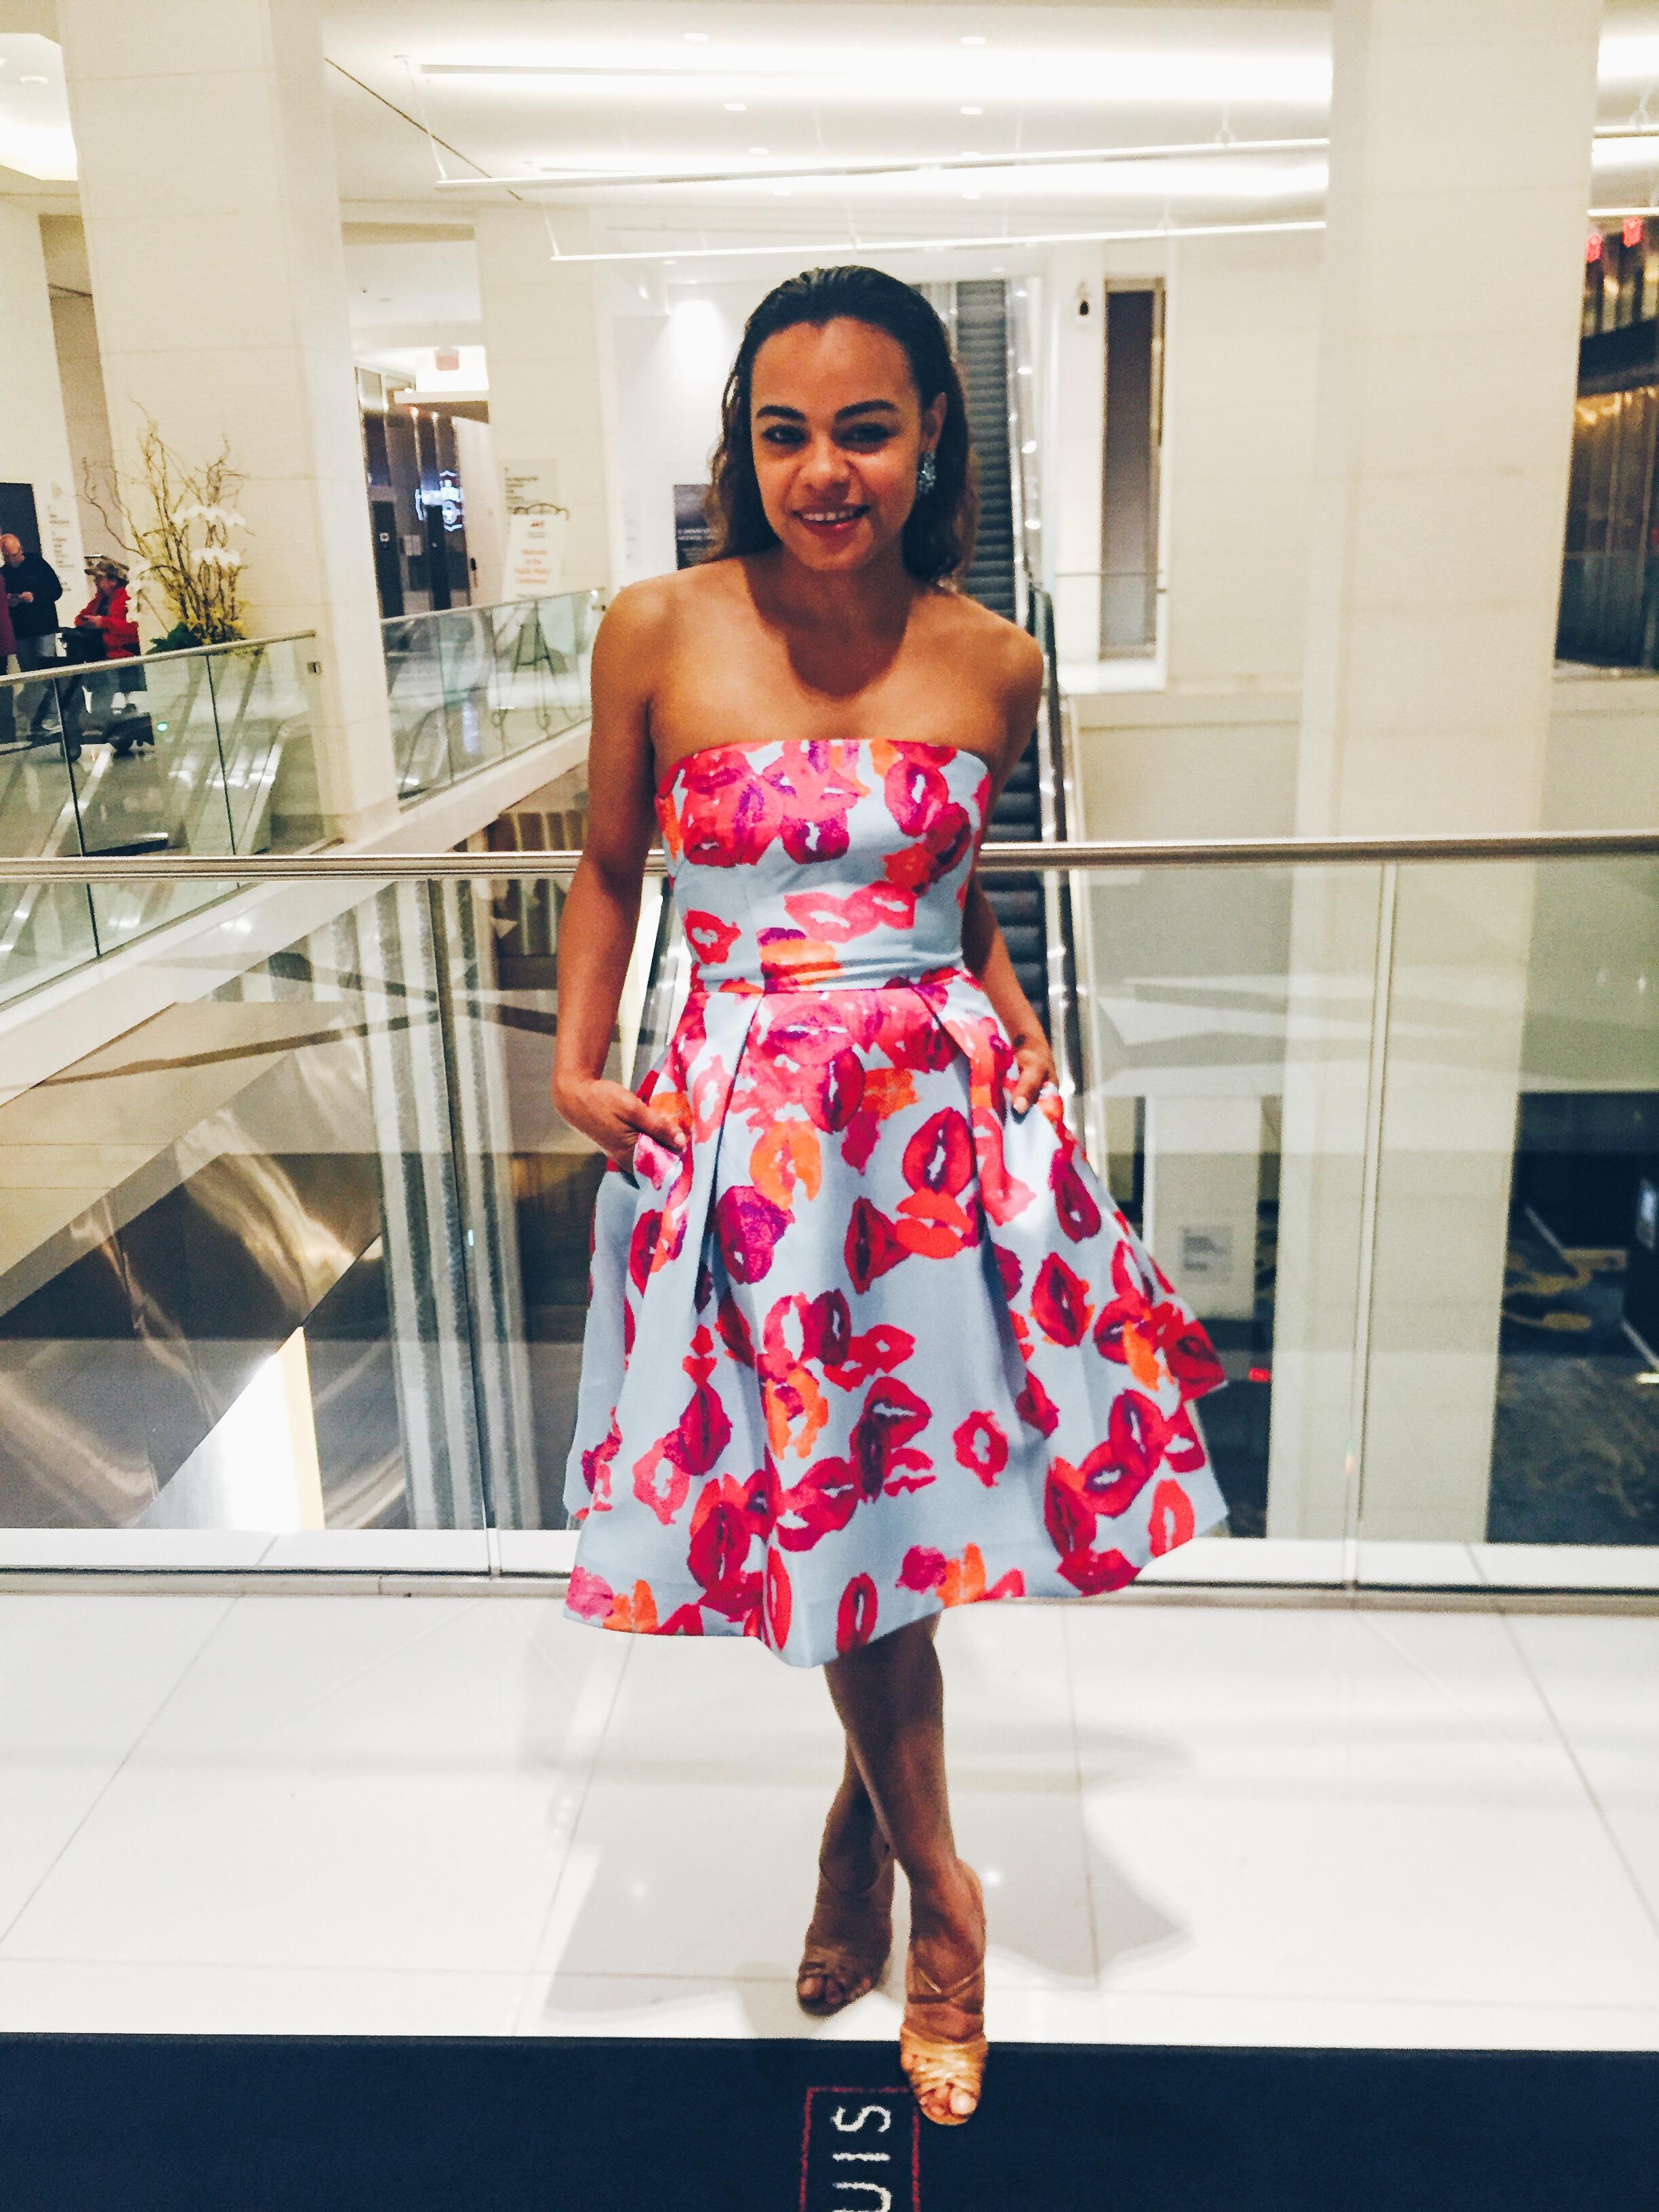 Wearing: ML Monique Lhullier dress, Manolo Blank heels, Oscar de la Renta earrings.